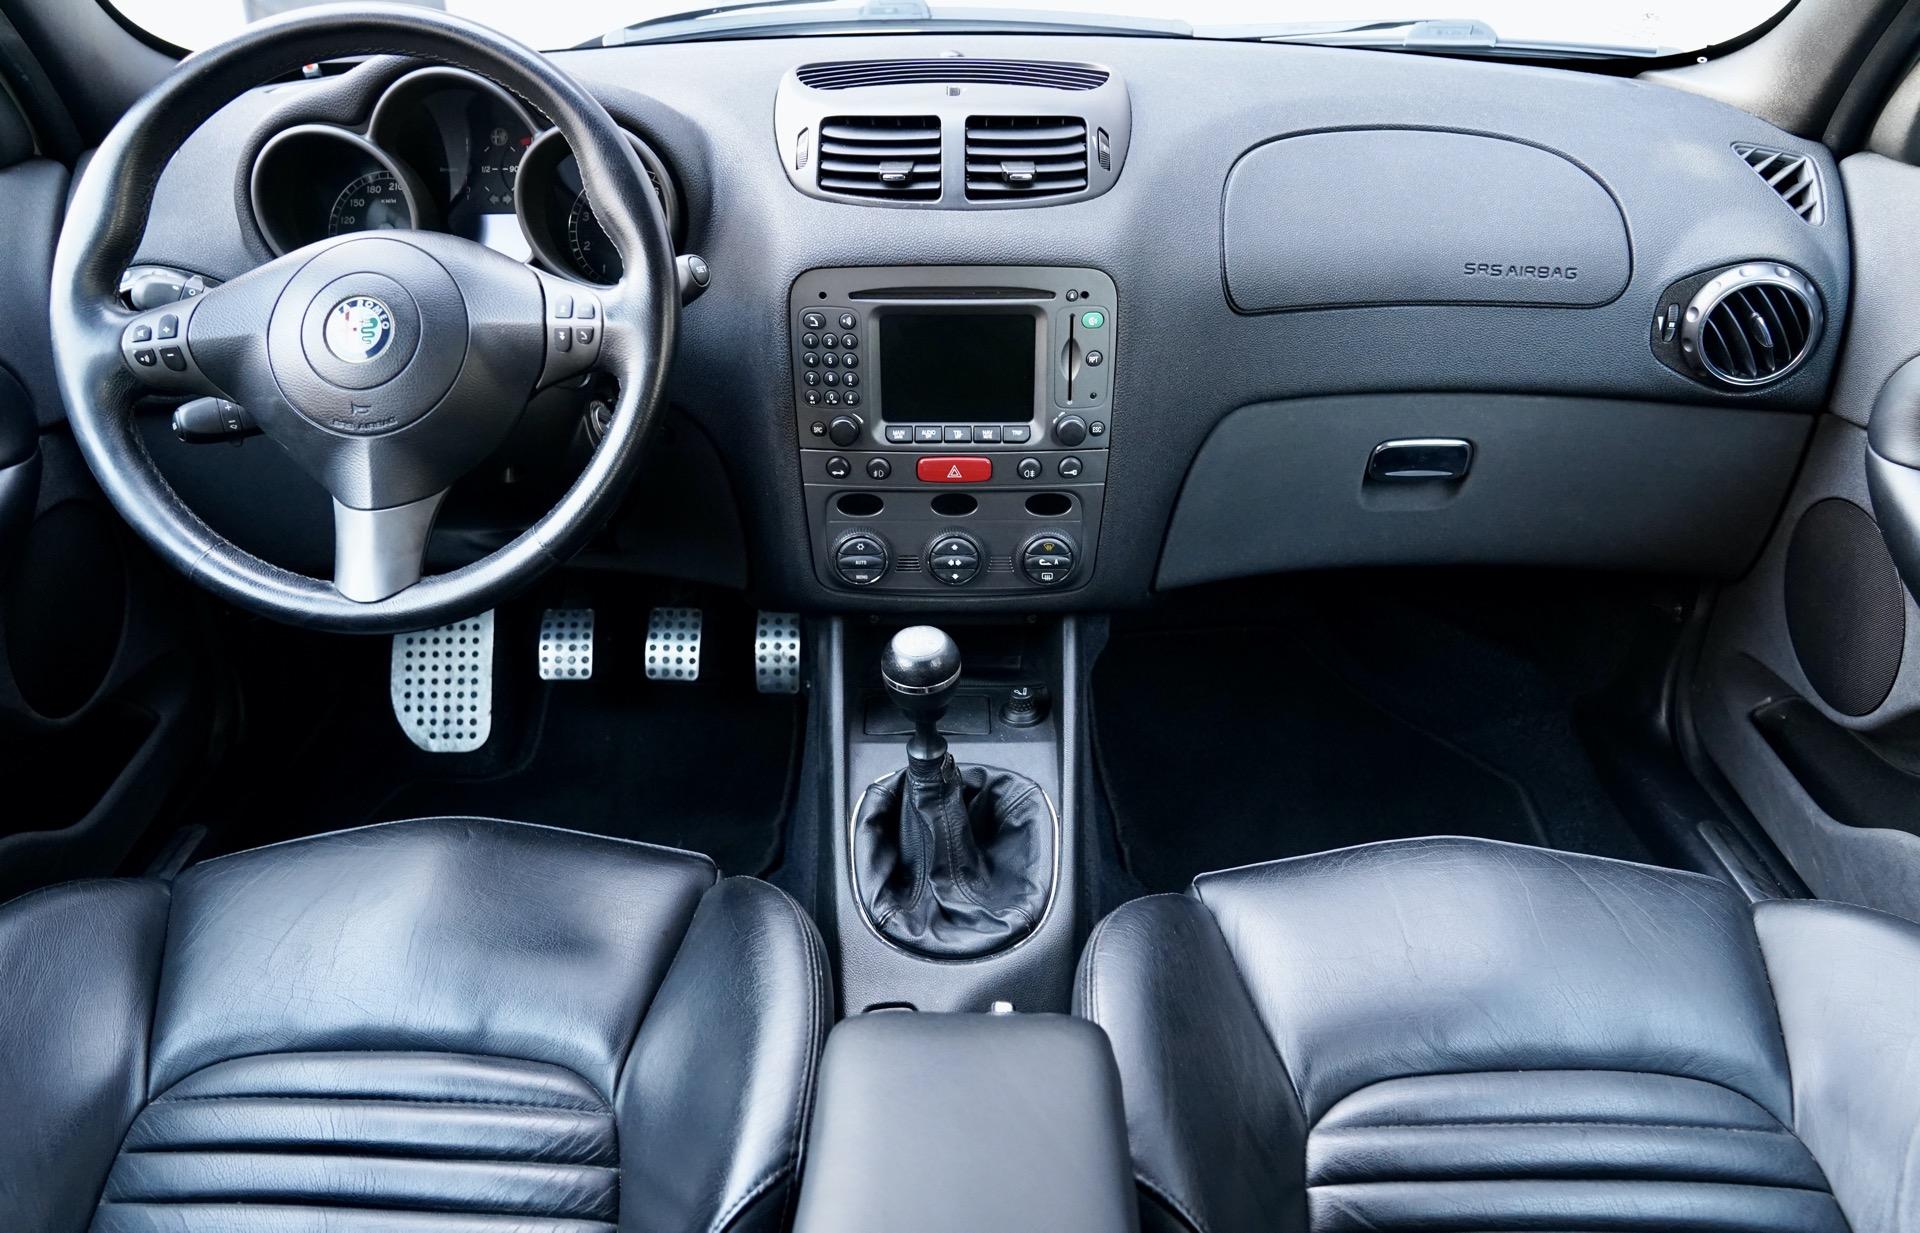 ALFA ROMEO 147 GTA 3.2 V6 24V BIANCO NUVOLA